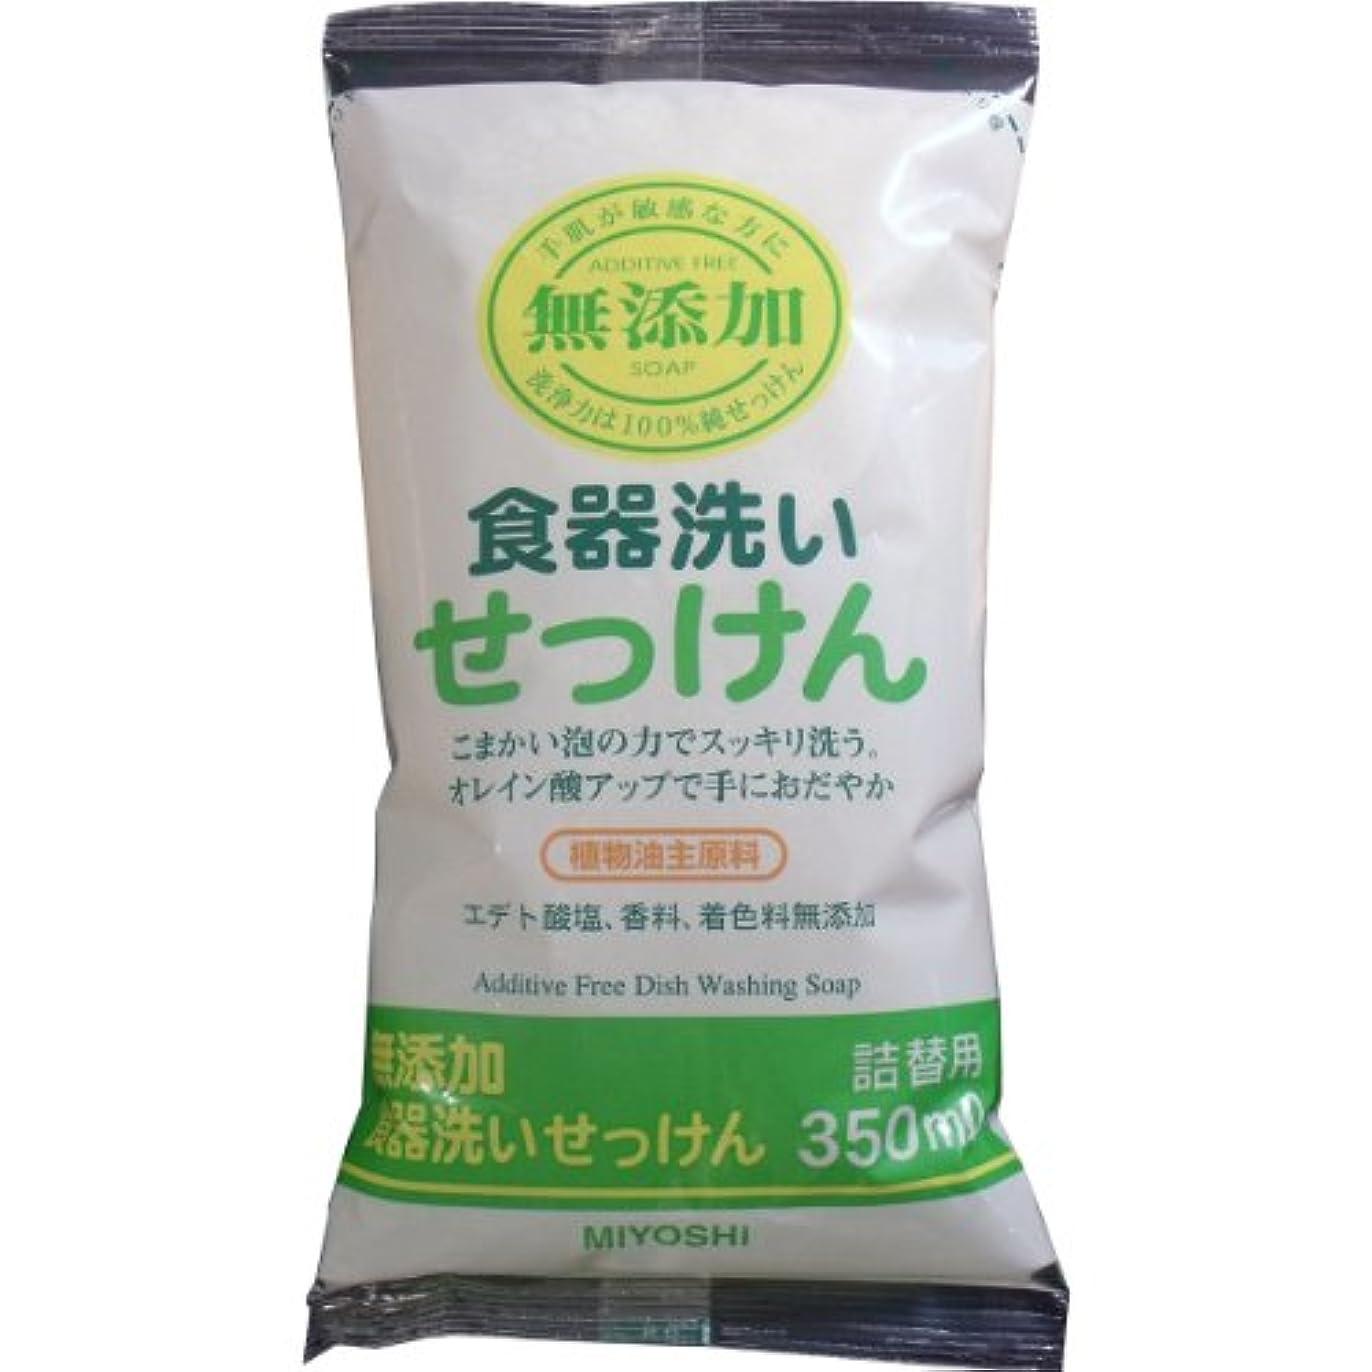 発言する小包好ましいミヨシ 無添加 食器洗いせっけん つめかえ用 350ml(無添加石鹸)